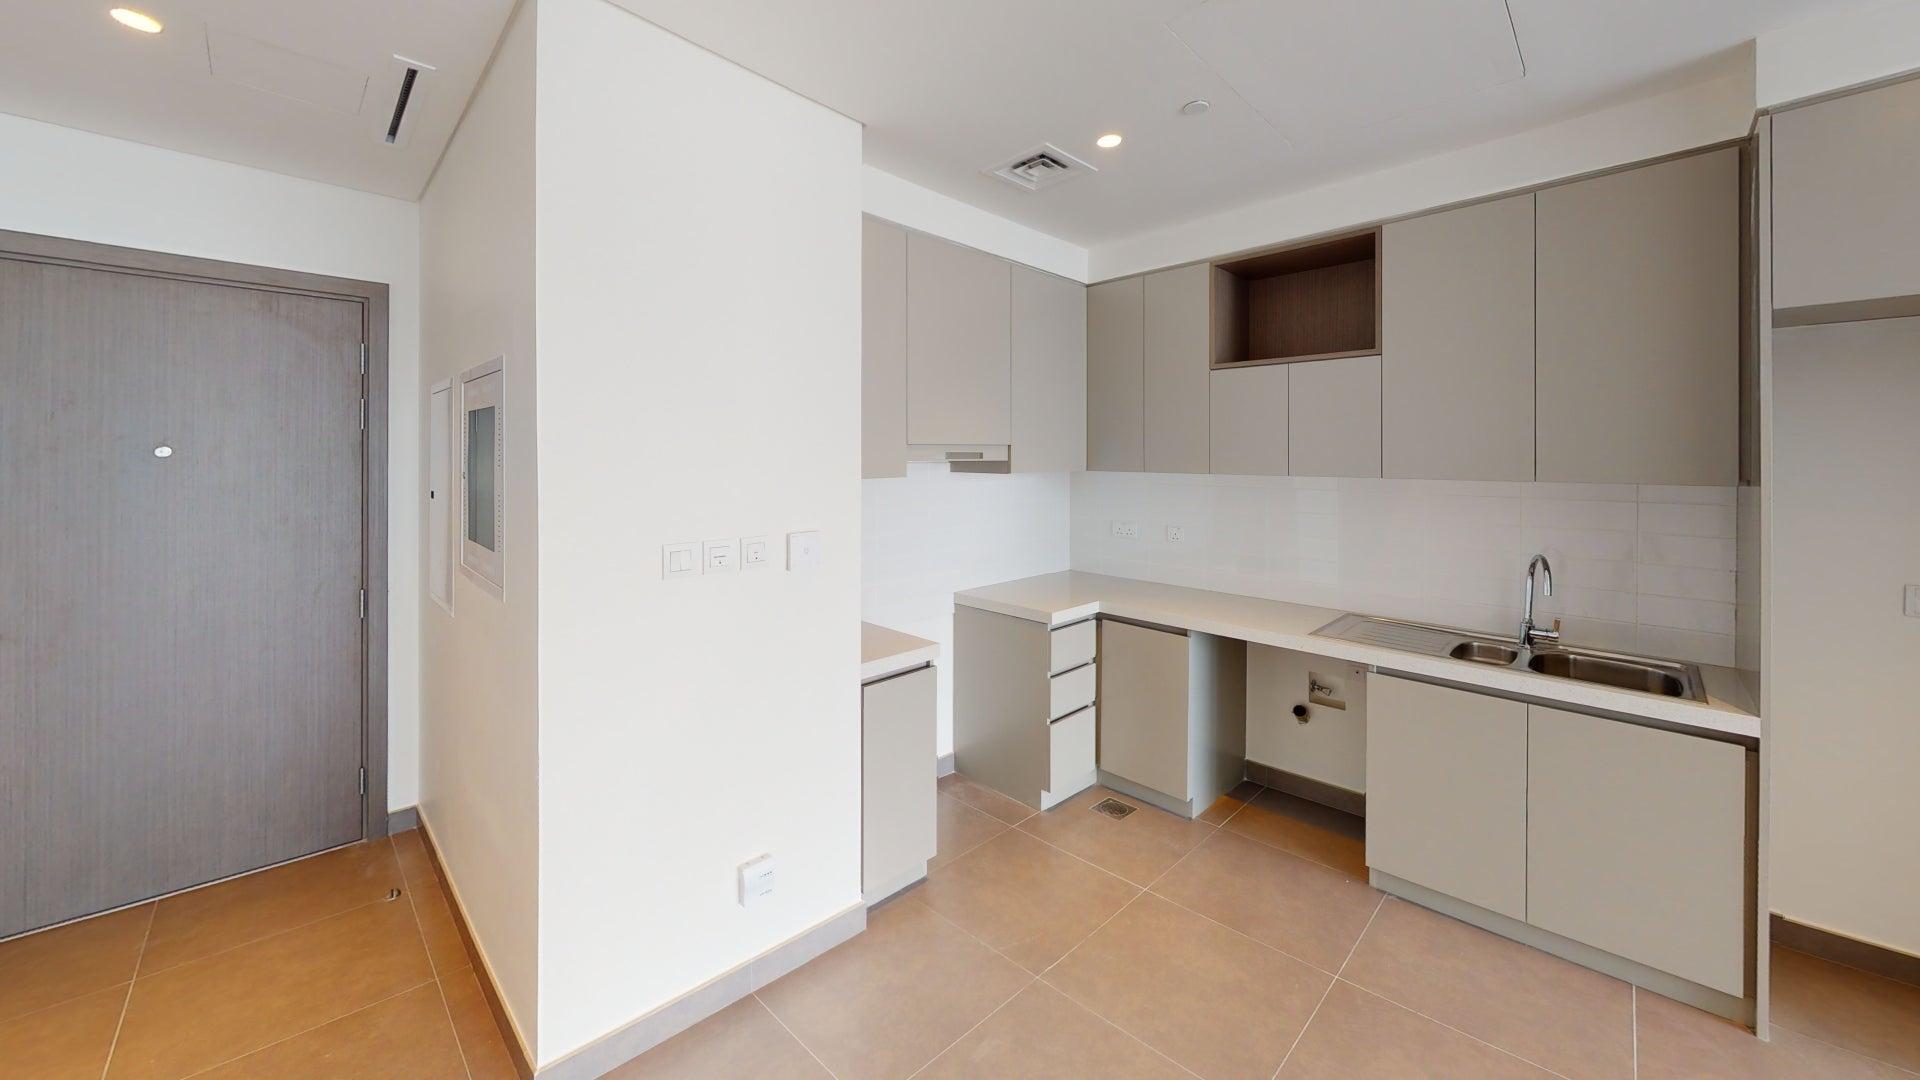 Apartamento en venta en Dubai, EAU, 2 dormitorios, 97 m2, № 24585 – foto 1